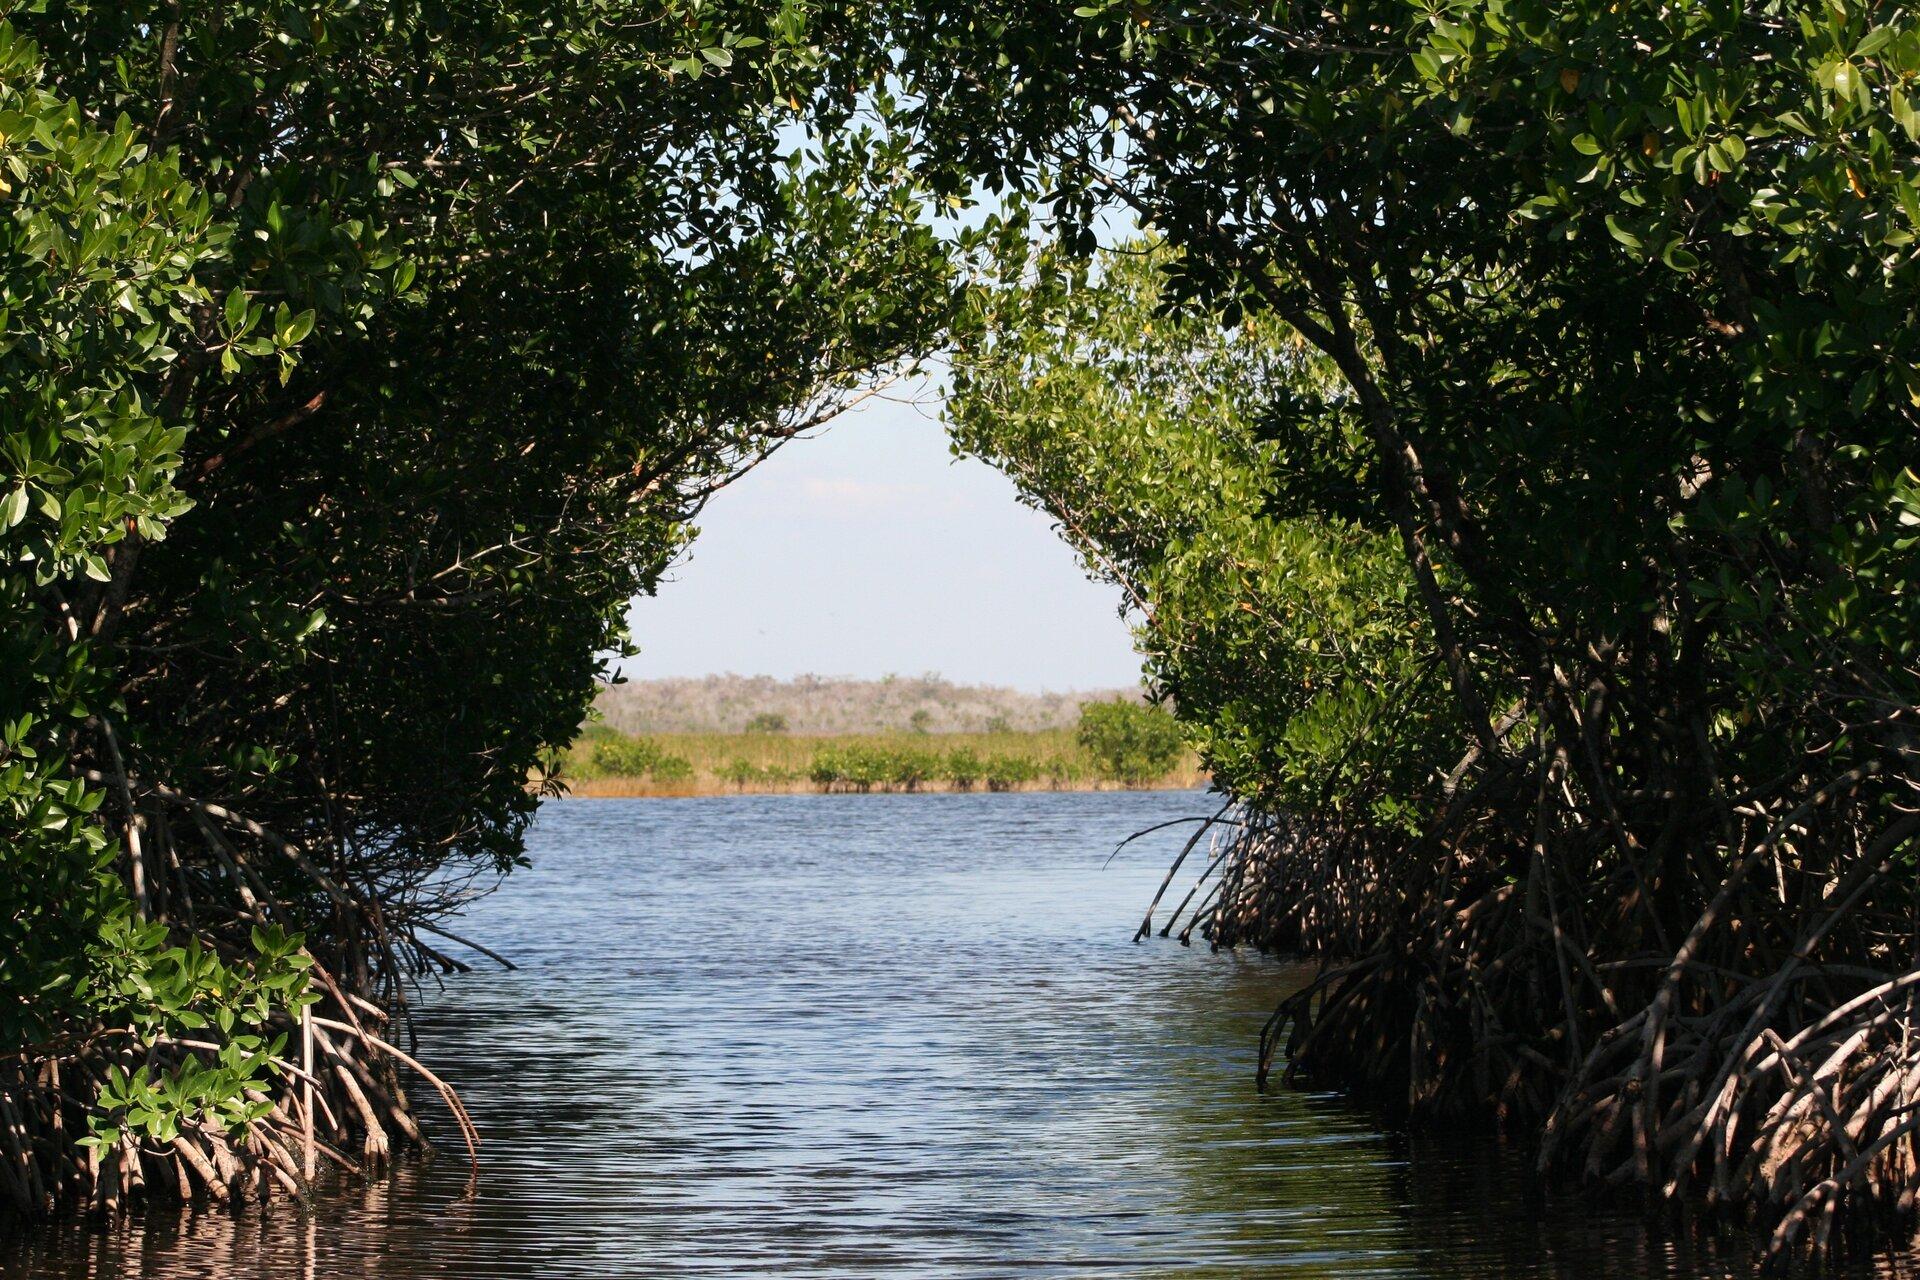 Fotografia prezentuje las namorzynowy biegnący wzdłuż obu brzegów pasa wody. Udołu widoczne są wystające korzenie roślin zanurzające się wwodzie. Gęsto rosnące drzewa stykają się ze sobą ugóry. Pnie drzew są krzywe iopierają się na cienkich korzeniach.